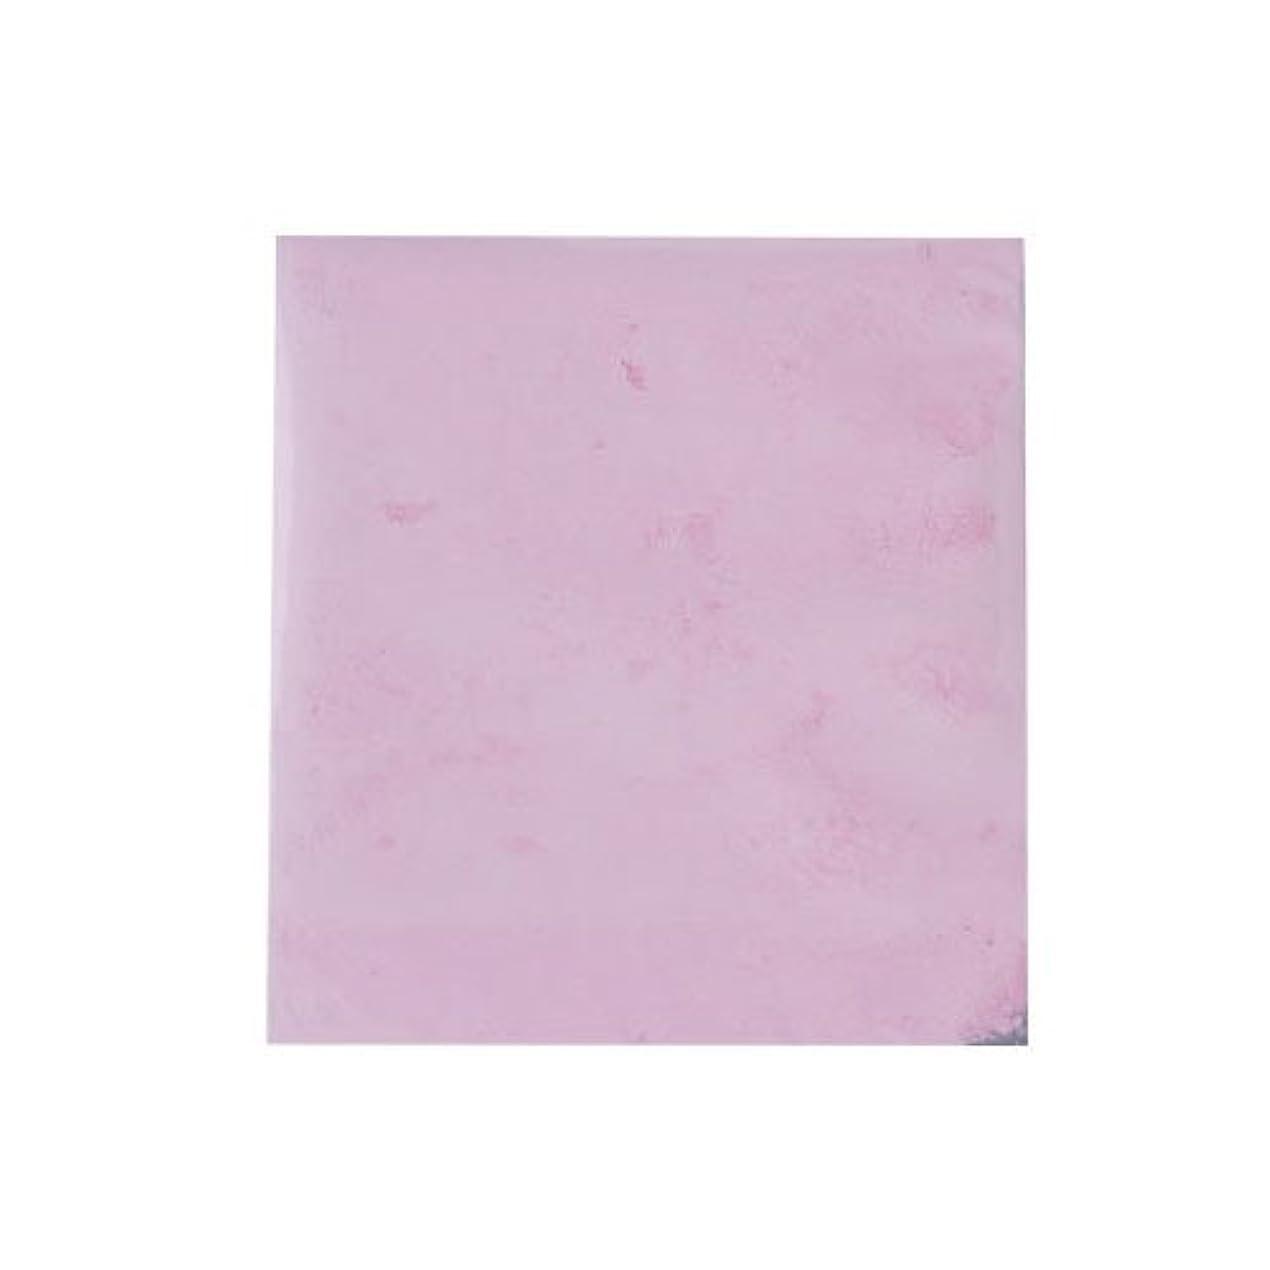 種フリル病気のピカエース ネイル用パウダー カラーパウダー 着色顔料 #724 ローズピンク 2g